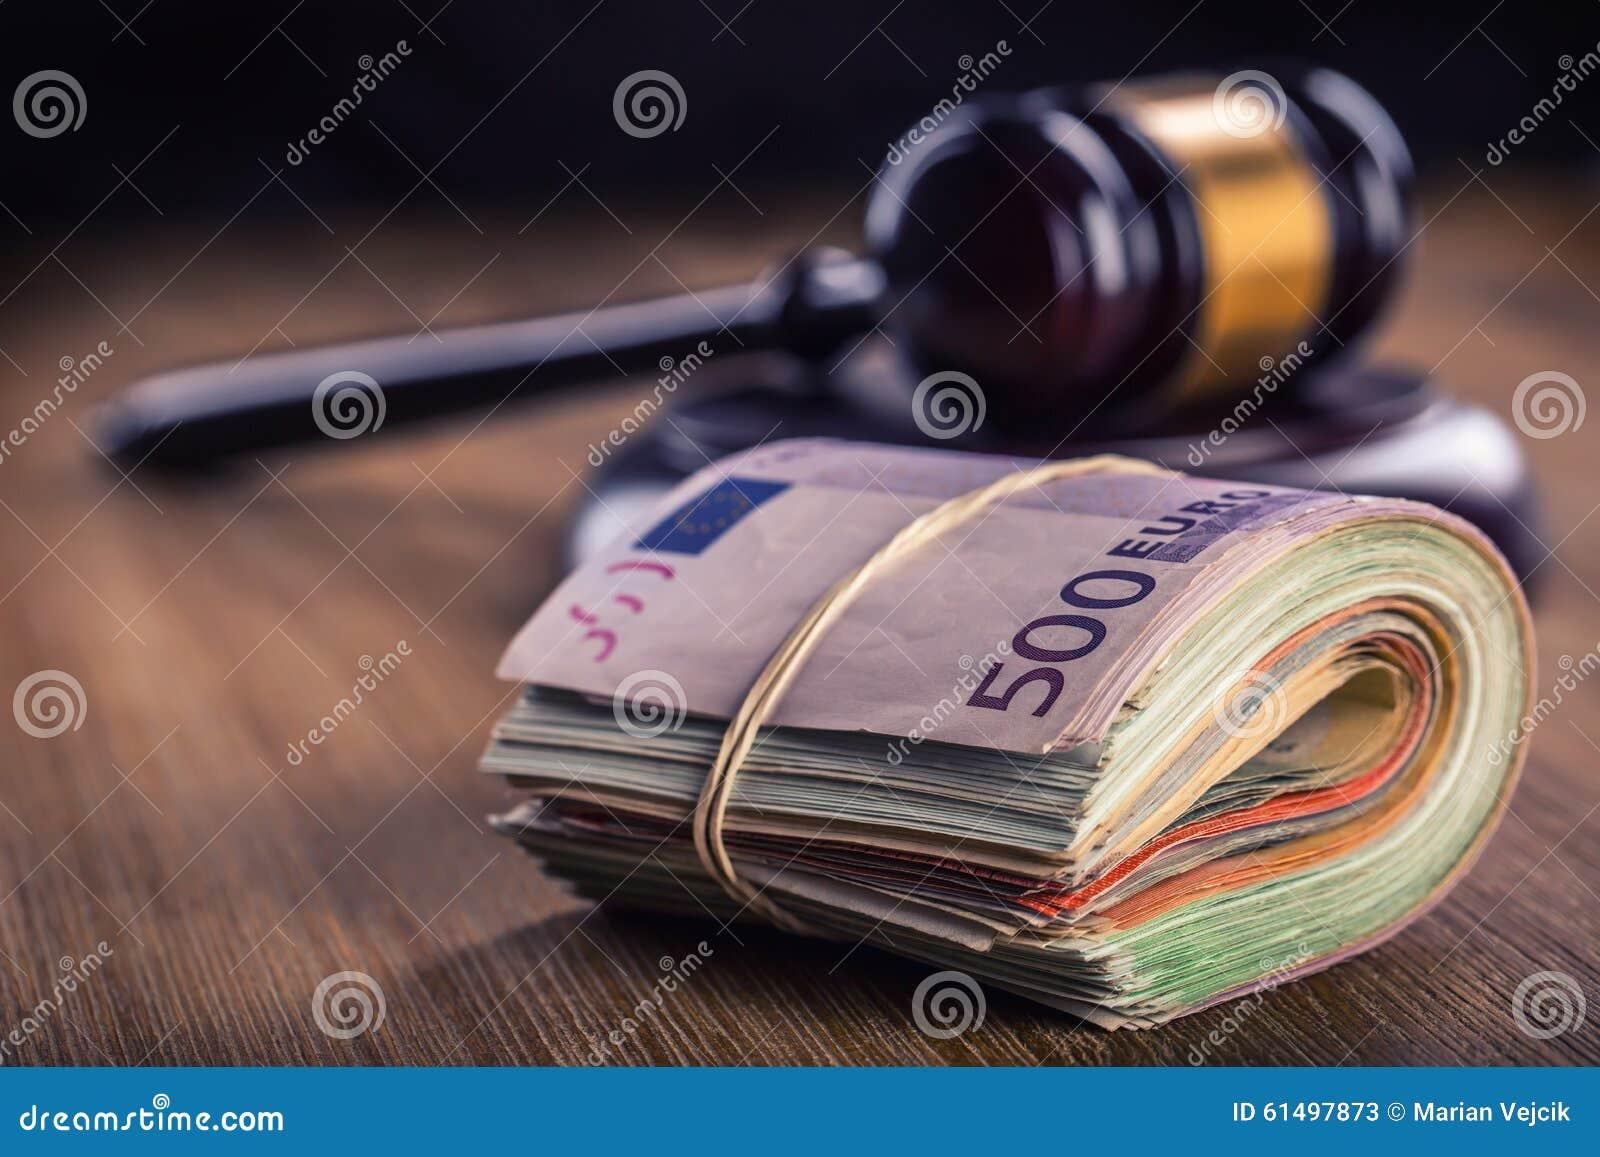 Rechtvaardigheid en euro geld Euro munt Hof hamer en gerolde Euro bankbiljetten Vertegenwoordiging van corruptie en omkoperij in